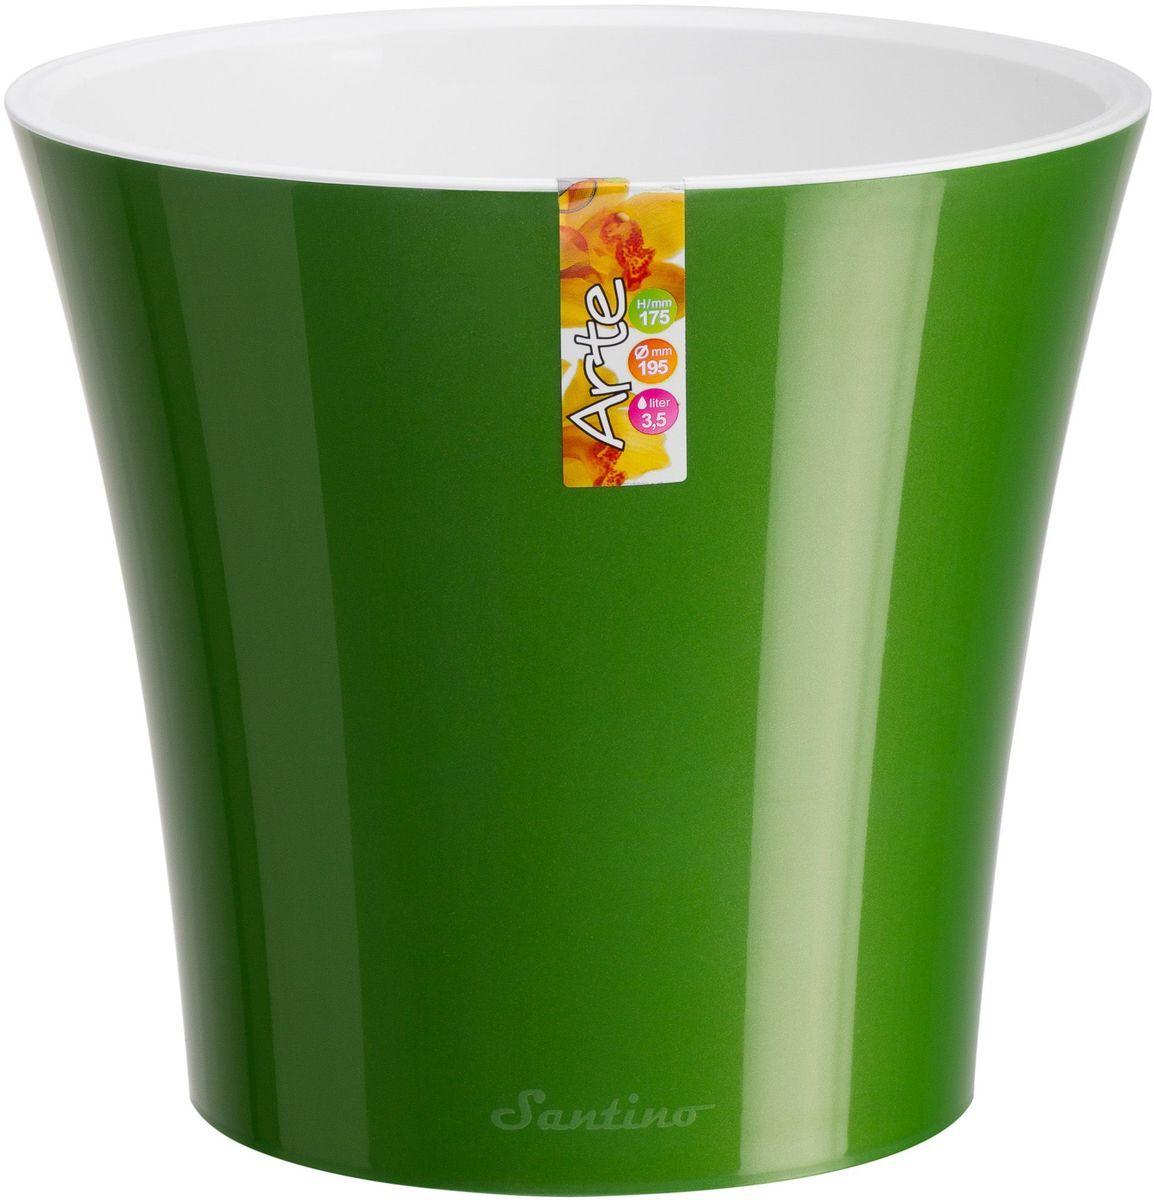 Горшок цветочный Santino Арте, двойной, с системой автополива, цвет: зеленое золото, белый, 2 л1928277Горшок цветочный Santino Арте снабжен дренажной системой и состоит из кашпо и вазона-вкладыша. Изготовлен из пластика. Особенность: тарелочка или блюдце не нужны. Горшок предназначен для любых растений или цветов. Цветочный дренаж – это система, которая позволяет выводить лишнюю влагу через корневую систему цветка и слой почвы. Растение – это живой организм, следовательно, ему необходимо дышать. В доступе к кислороду нуждаются все части растения: -листья; -корневая система. Если цветовод по какой-либо причине зальет цветок водой, то она буквально вытеснит из почвенного слоя все пузырьки кислорода. Анаэробная среда способствует развитию различного рода бактерий. Безвоздушная среда приводит к загниванию корневой системы, цветок в результате увядает. Суть работы дренажной системы заключается в том, чтобы осуществлять отвод лишней влаги от растения и давать возможность корневой системе дышать без проблем. Следовательно, каждому цветку необходимо: -иметь в основании цветочного горшочка хотя бы одно небольшое дренажное отверстие. Оно необходимо для того, чтобы через него выходила лишняя вода, плюс ко всему это отверстие дает возможность циркулировать воздух. -на самом дне горшка необходимо выложить слоем в 2-5 см (зависит от вида растения) дренаж.УВАЖАЕМЫЕ КЛИЕНТЫ!Обращаем ваше внимание на тот факт, что фото изделия служит для визуального восприятия товара. Литраж и размеры, представленные на этикетке товара, могут по факту отличаться от реальных. Корректные данные в поле Размеры.